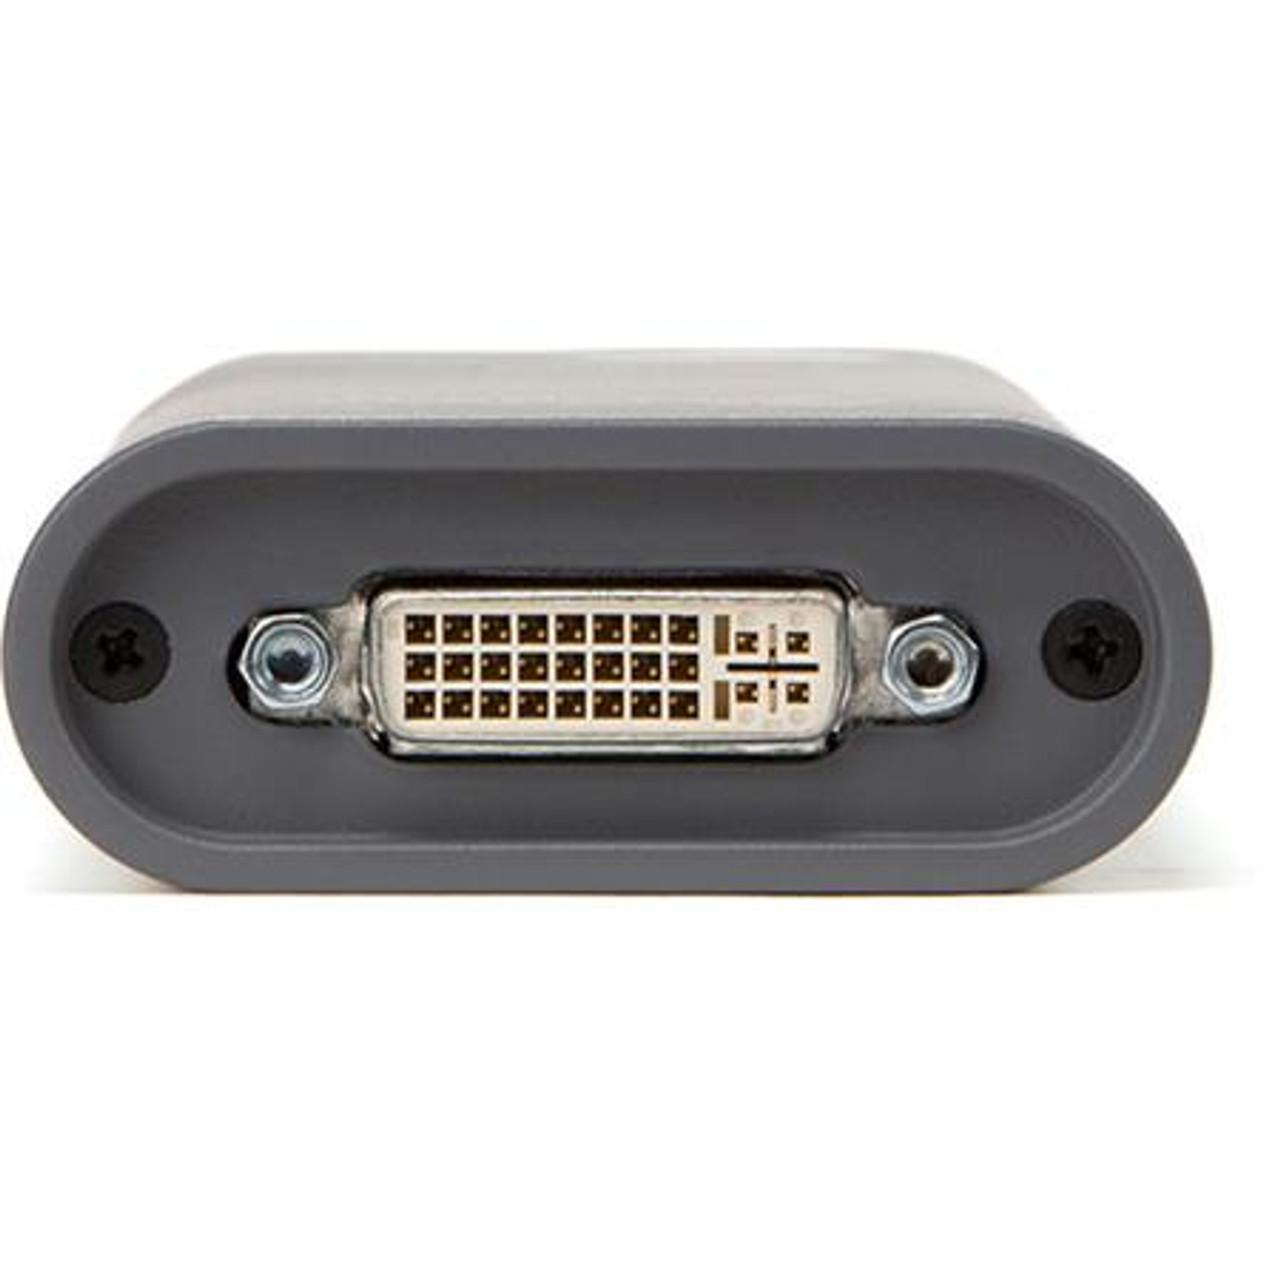 Epiphan DVI2USB 3.0 DVI//VGA//HDMI to USB 3.0 Video Grabber DVI /& USB 3.0 Cable